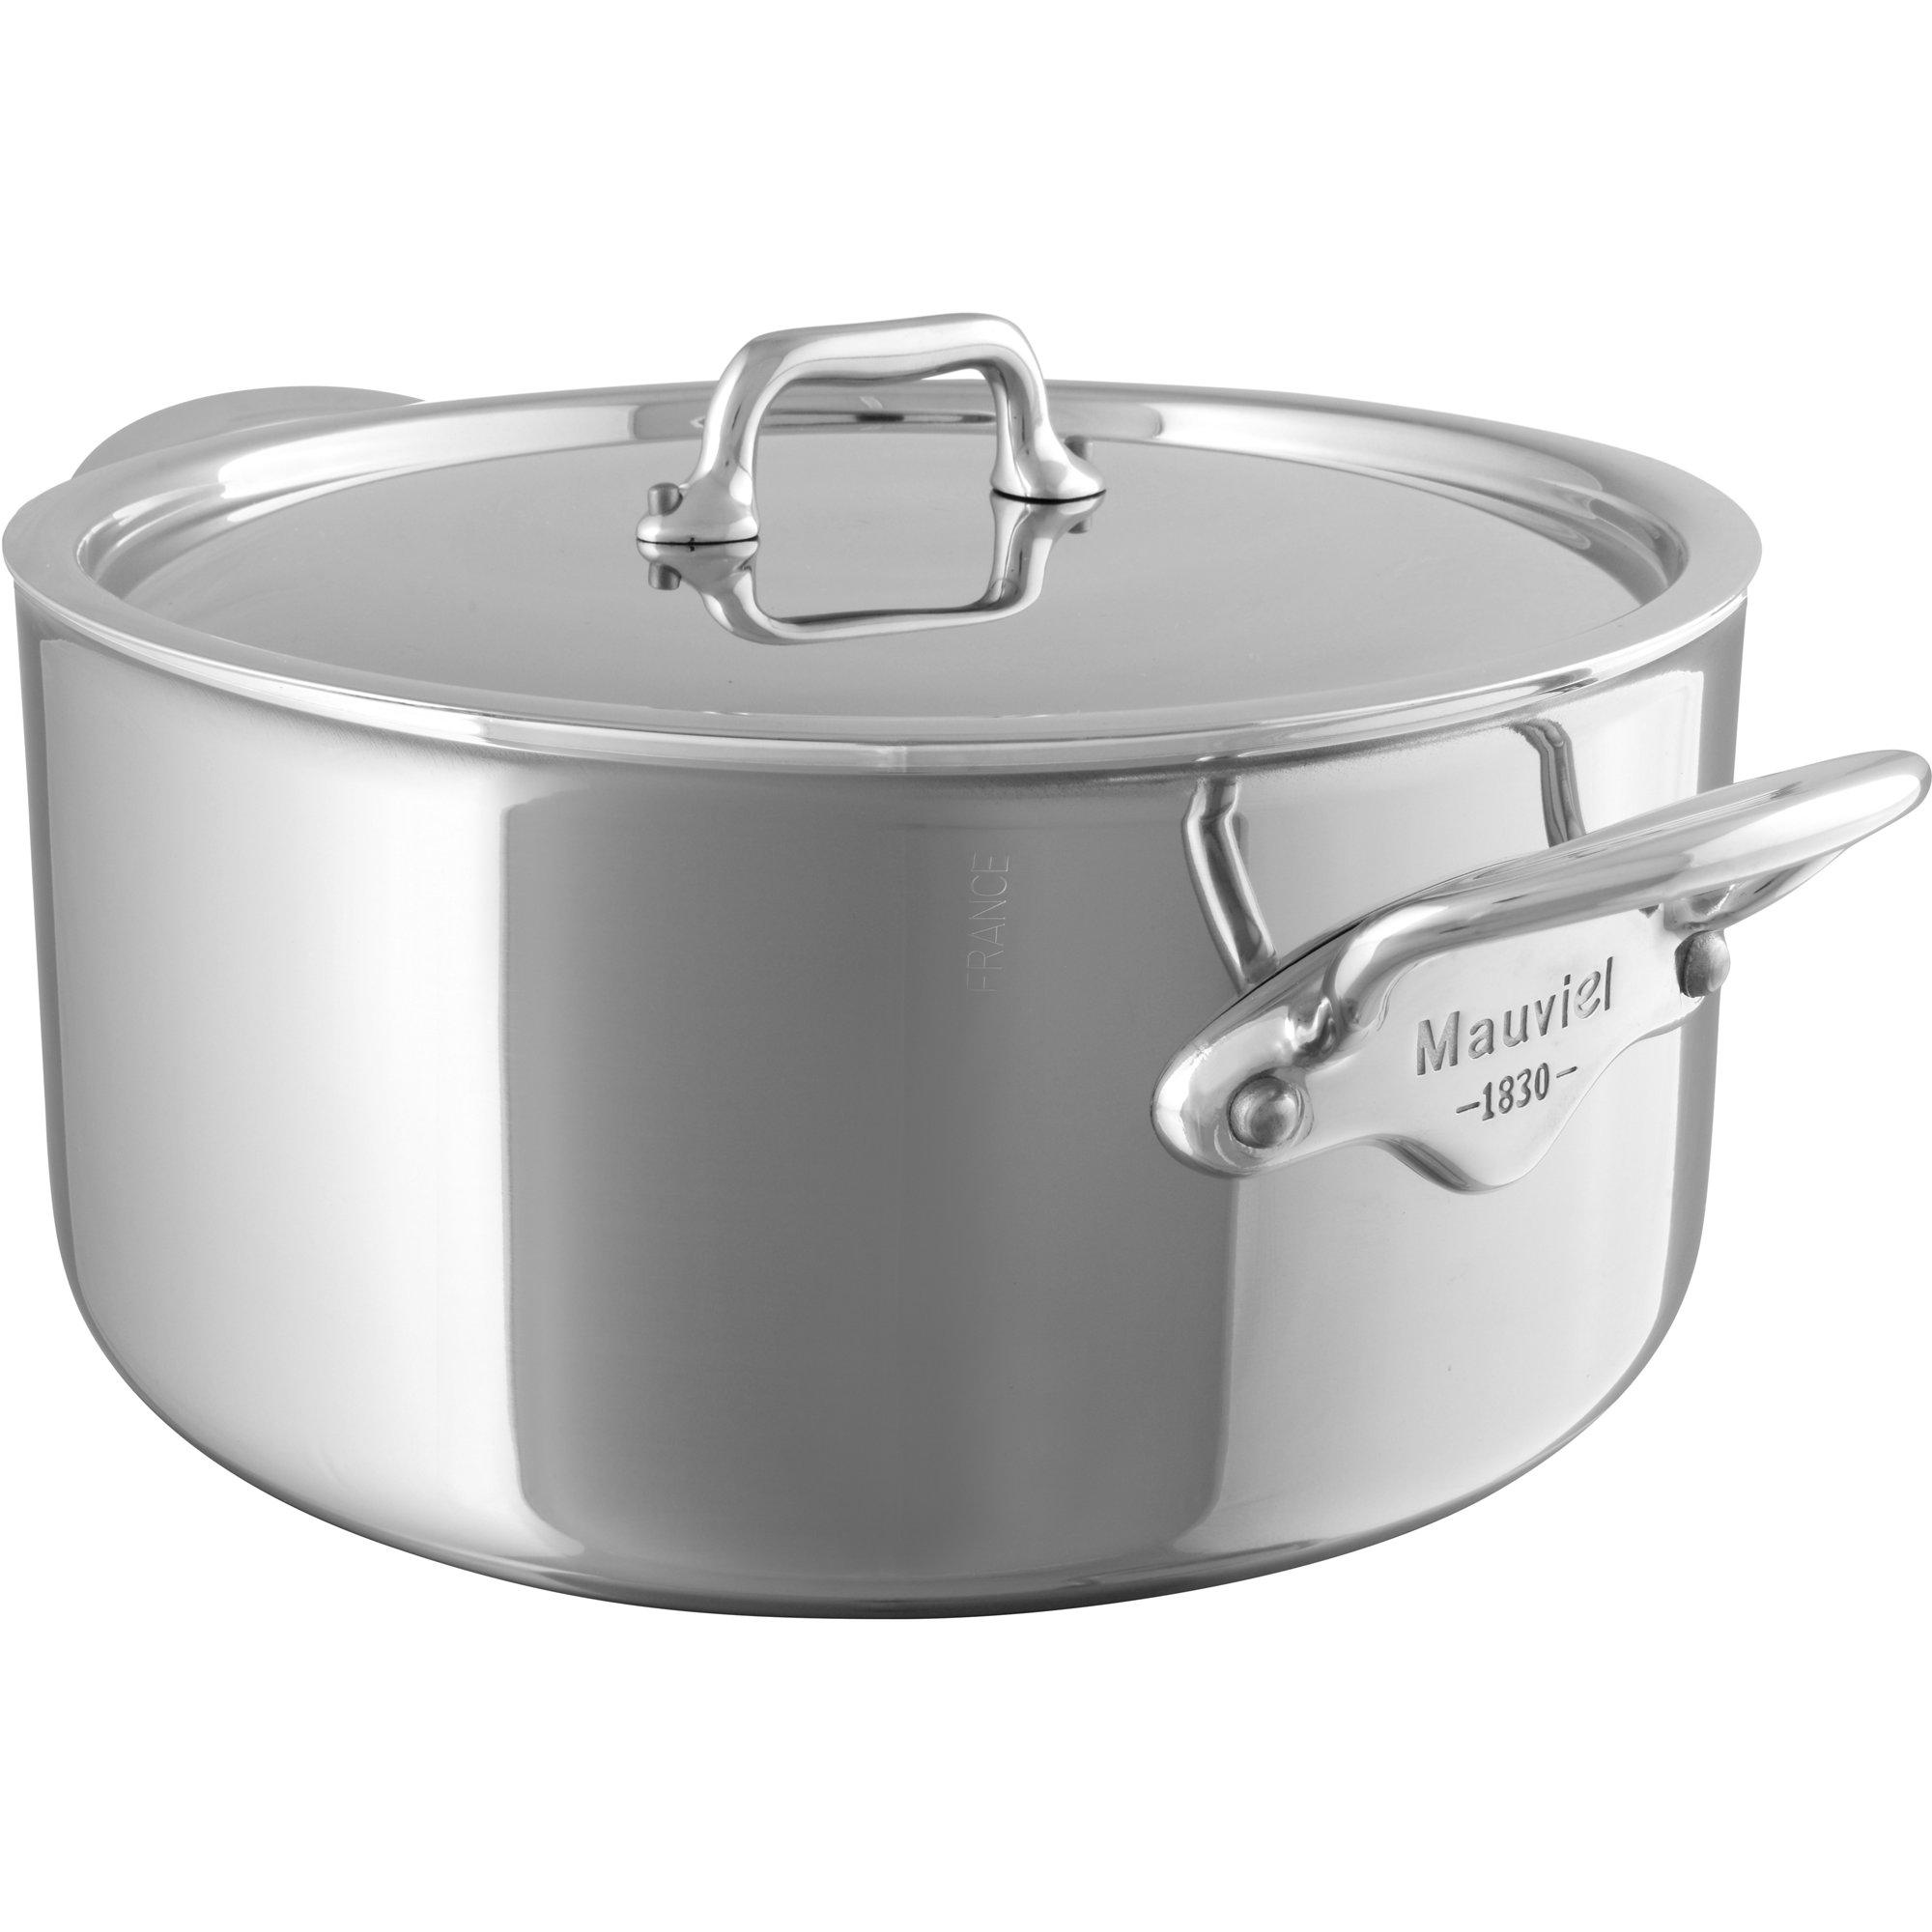 Mauviel Cook Style gryta i stål med lock 86 liter